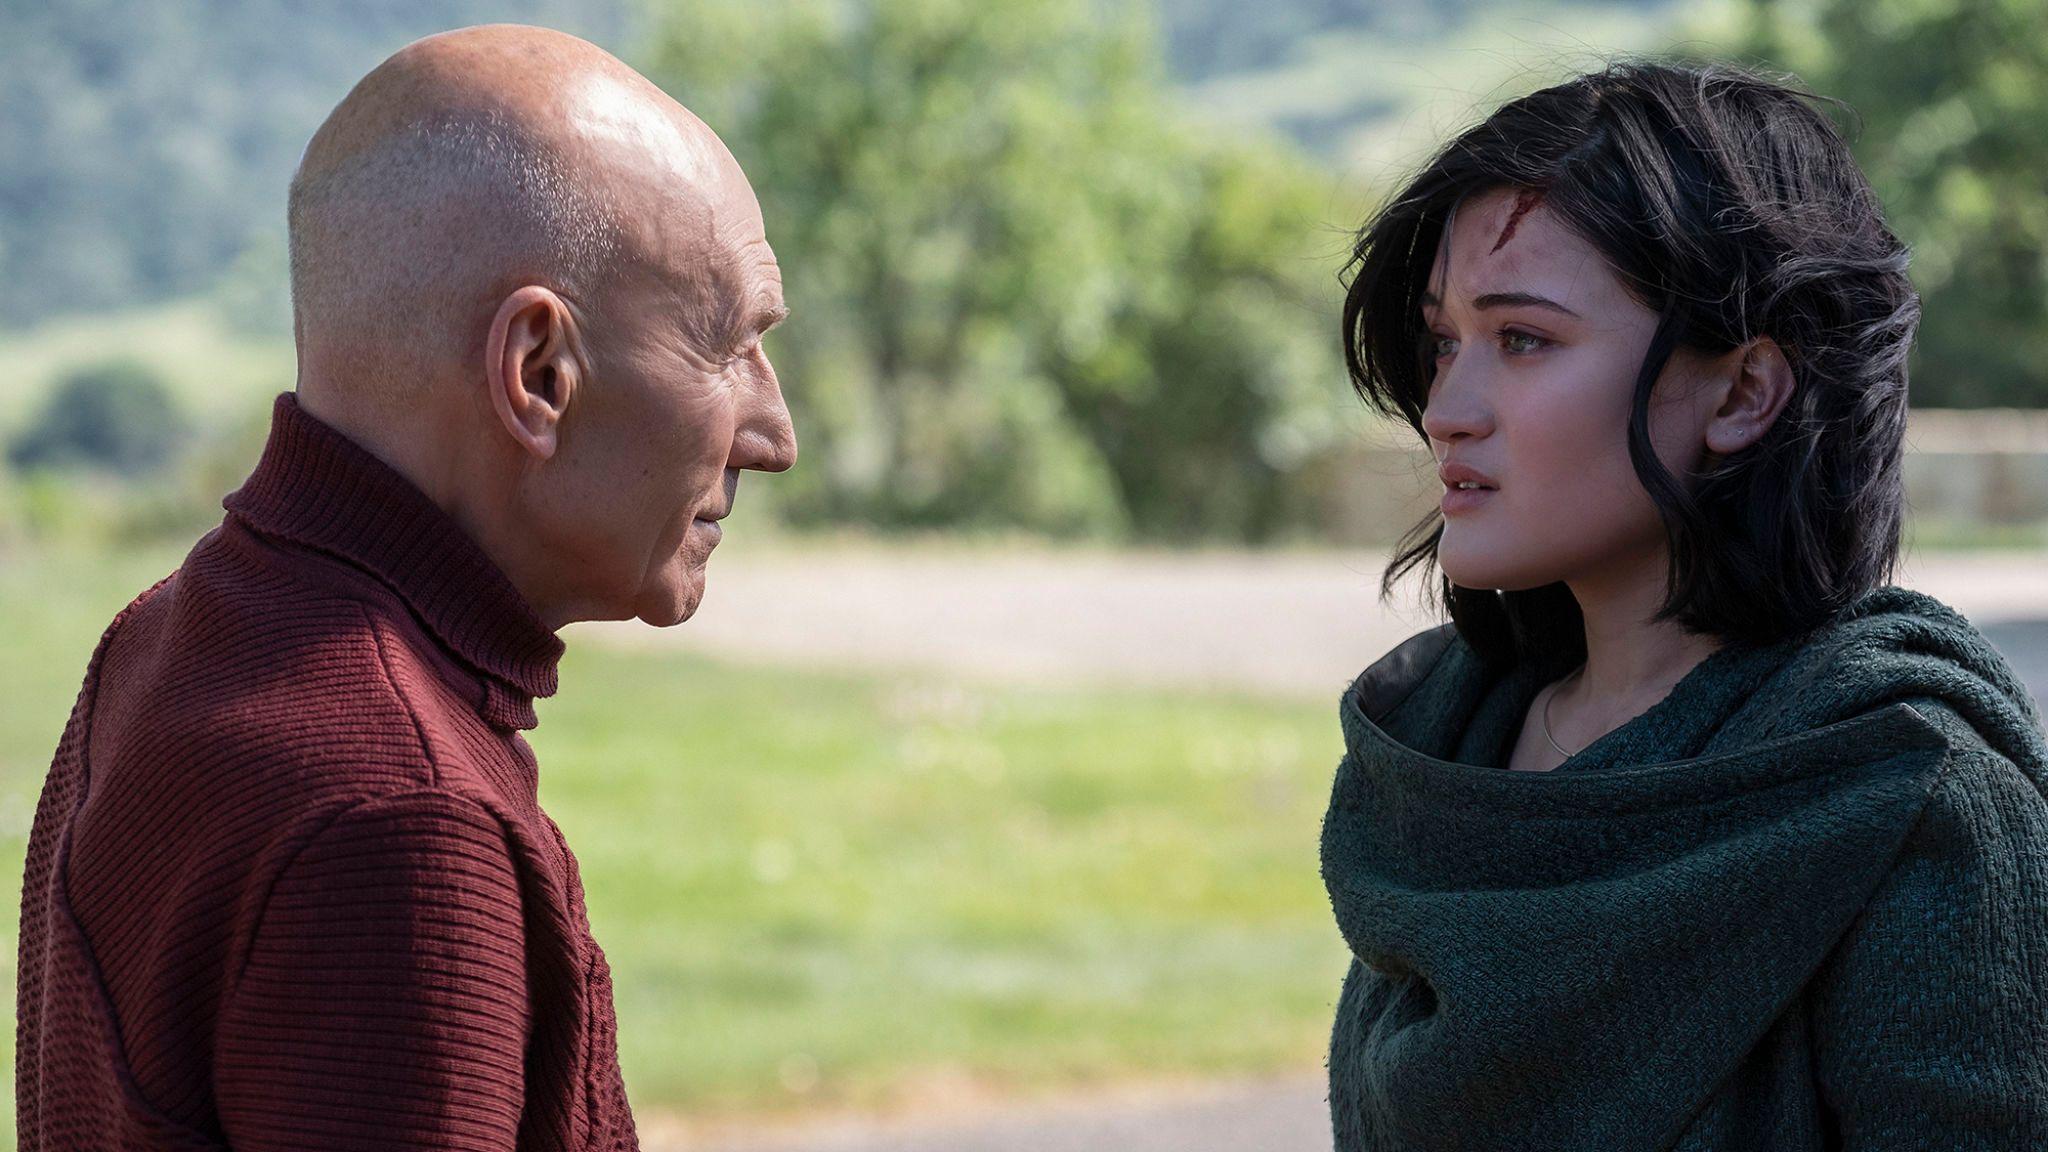 Patrick Stewart as Jean-Luc Picard; Isa Briones as Dahj